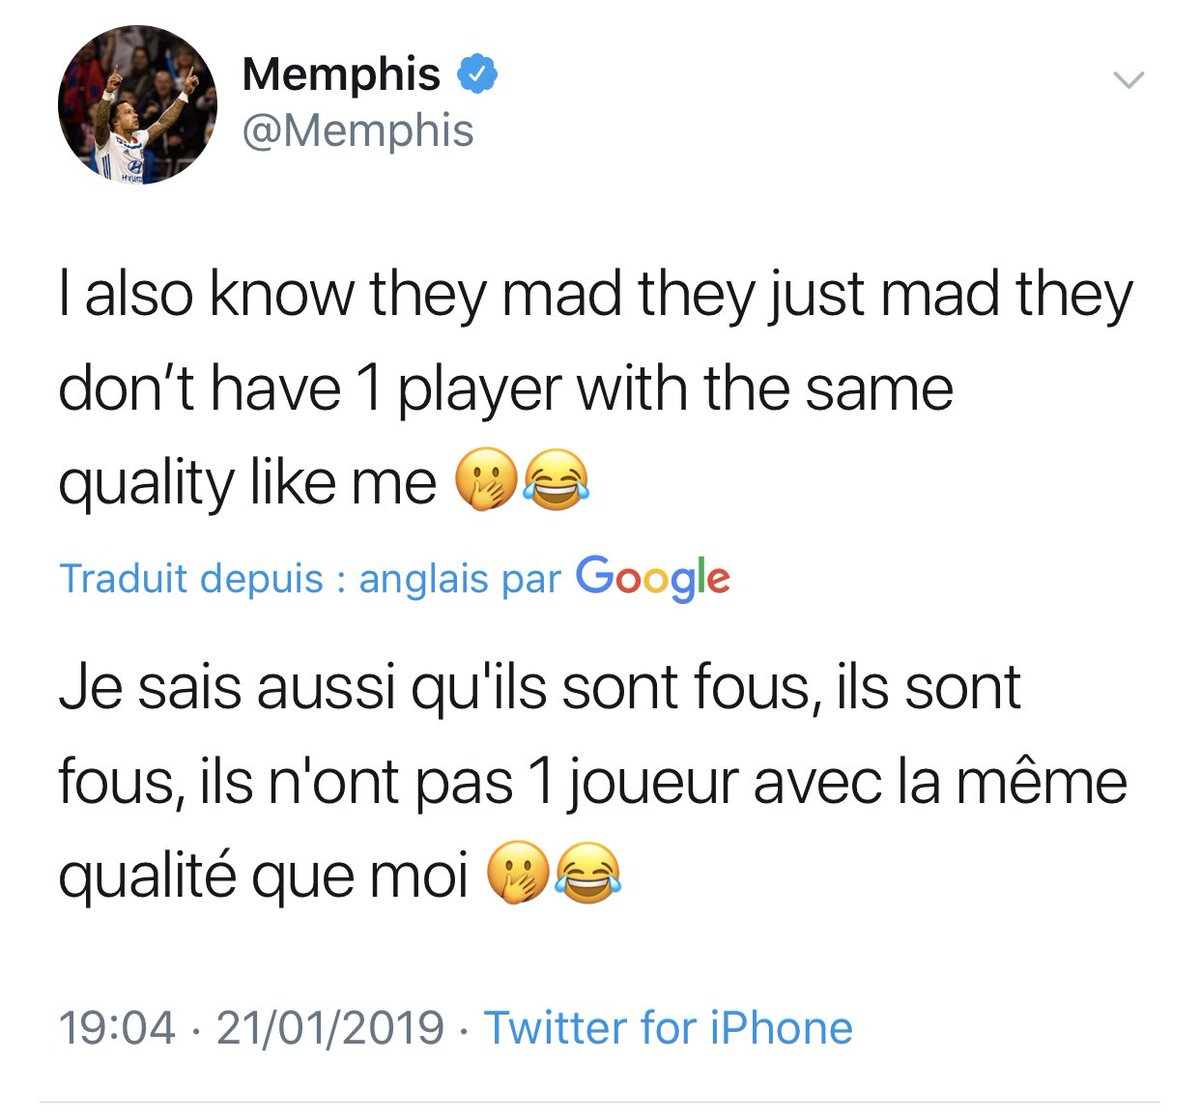 La réponse de Memphis face à la banderole stéphanoise. 👀